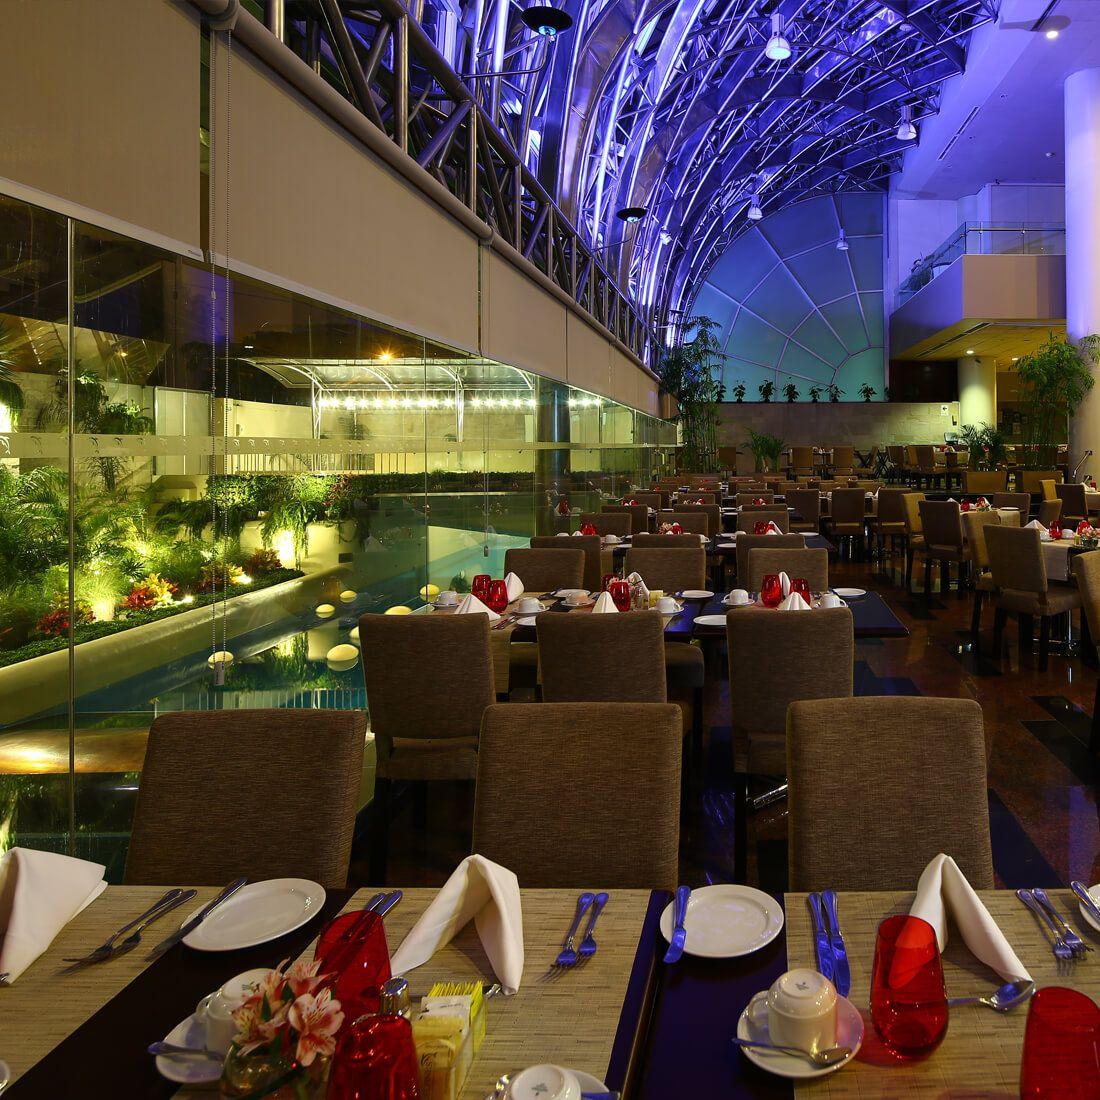 DELPHOS BISTRó Restaurante - Reserva en restaurantes de Comida INTERNACIONAL - SAN ISIDRO - MESA 24/7 | LIMA - Perú